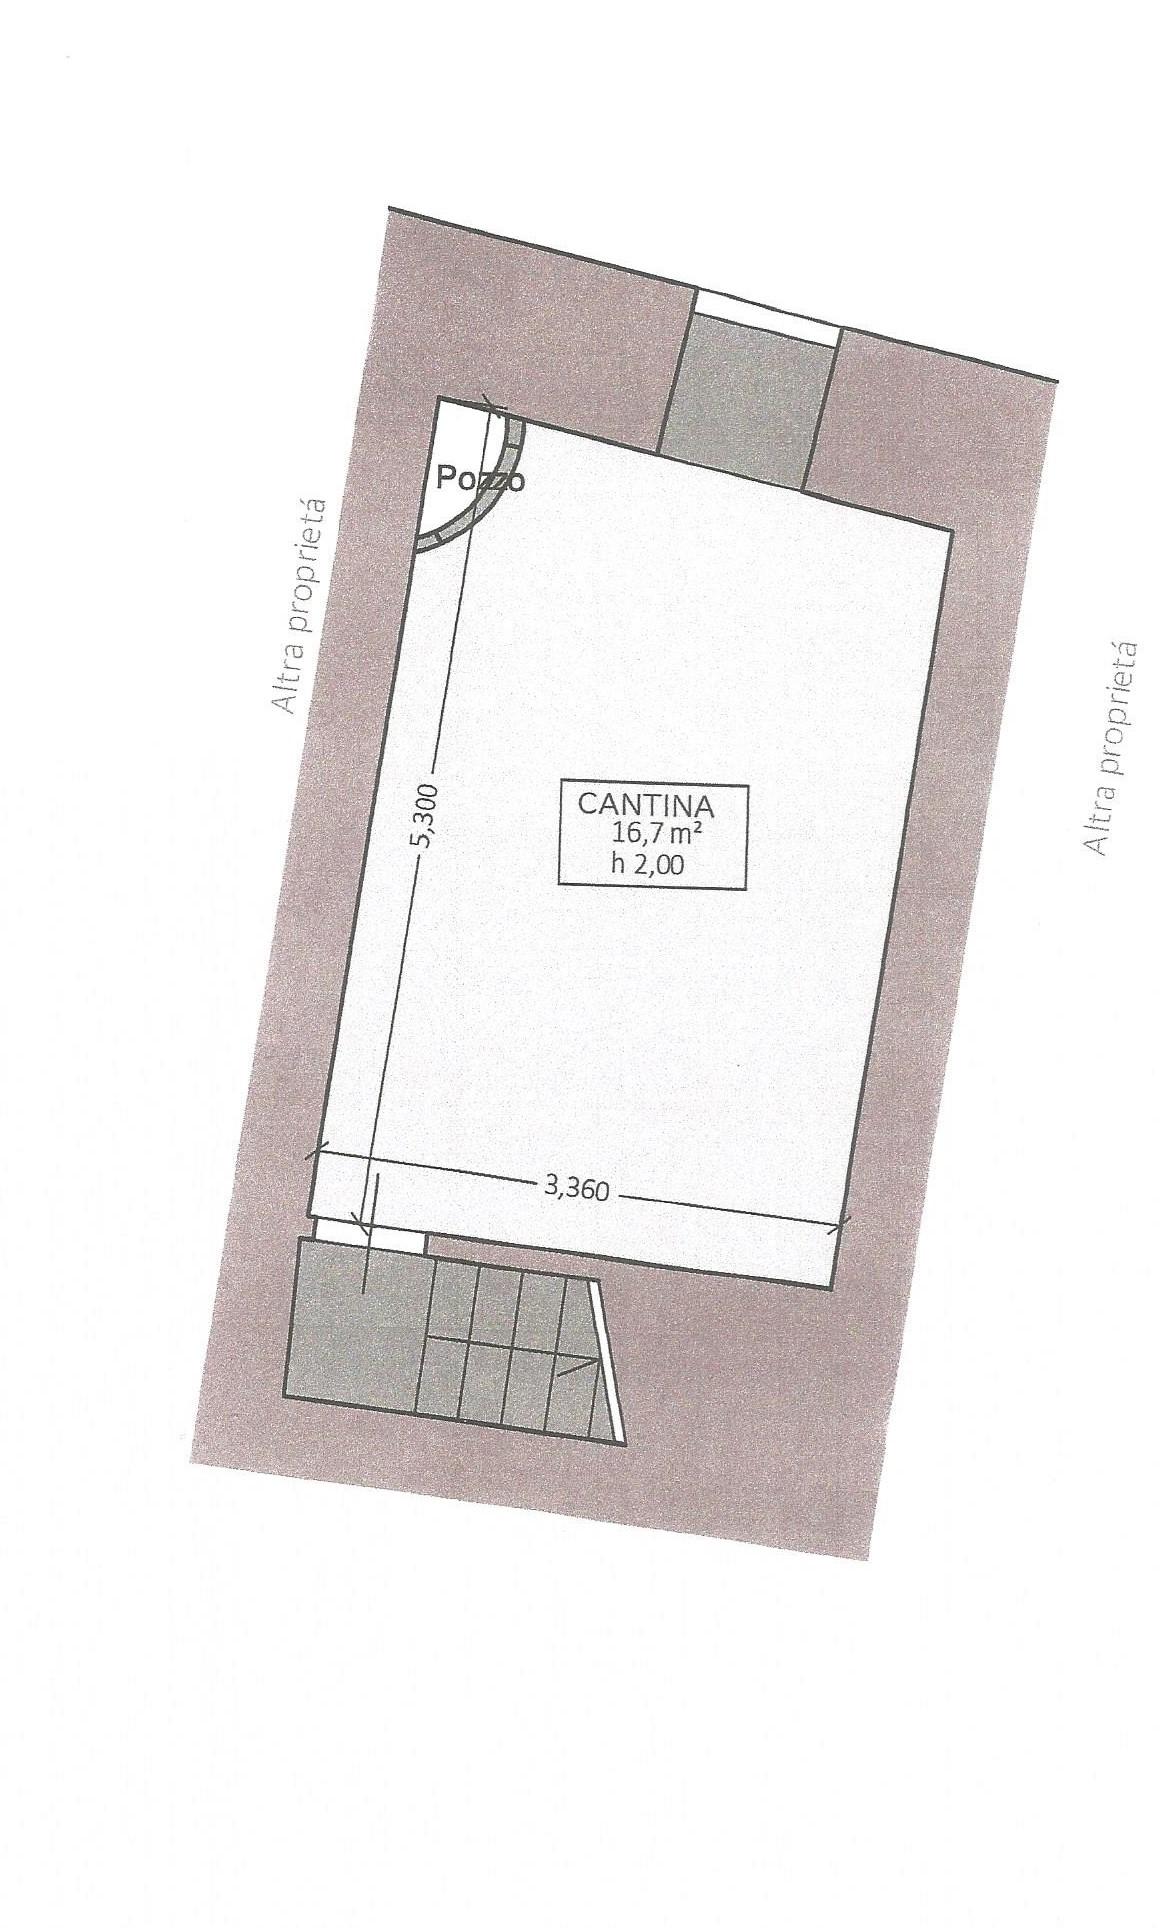 ADIACENZE P.ZZA MAZZINI,PISTOIA,51100,4 Bedrooms Bedrooms,1 BagnoBathrooms,Attività/Licenza comm,ADIACENZE P.ZZA MAZZINI,1509